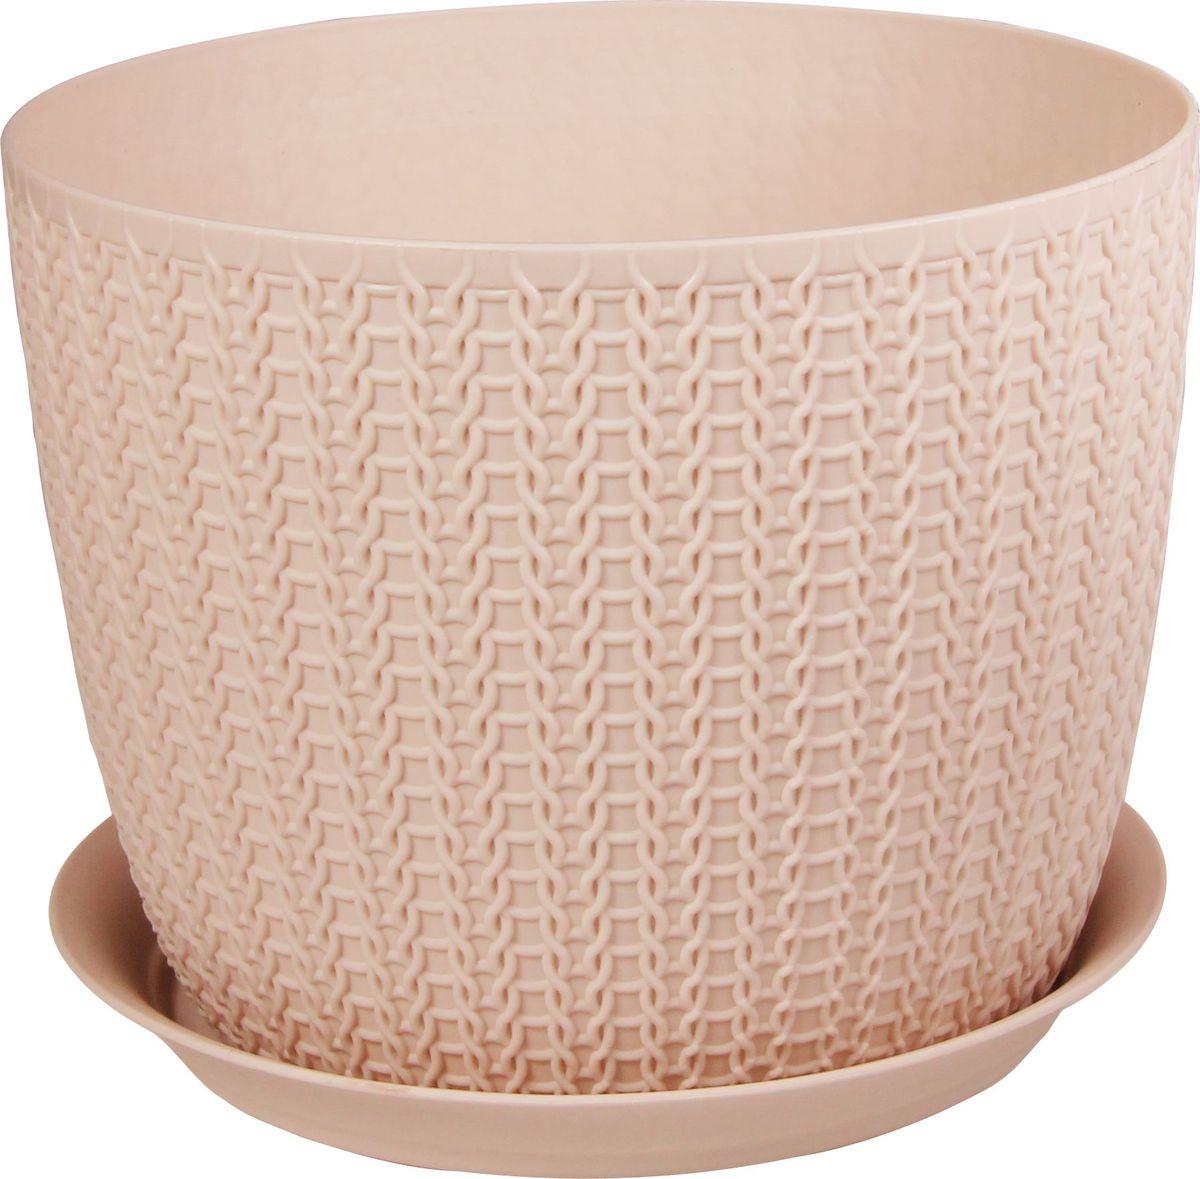 Кашпо Idea Вязание, с поддоном, цвет: чайная роза, диаметр 18 см531-105Кашпо Idea Вязание изготовлено из полипропилена (пластика). Специальная подставка предназначена для стока воды. Изделие прекрасно подходит для выращивания растений и цветов в домашних условиях.Диаметр кашпо: 18 см. Высота кашпо: 14 см. Объем кашпо: 2,8 л.